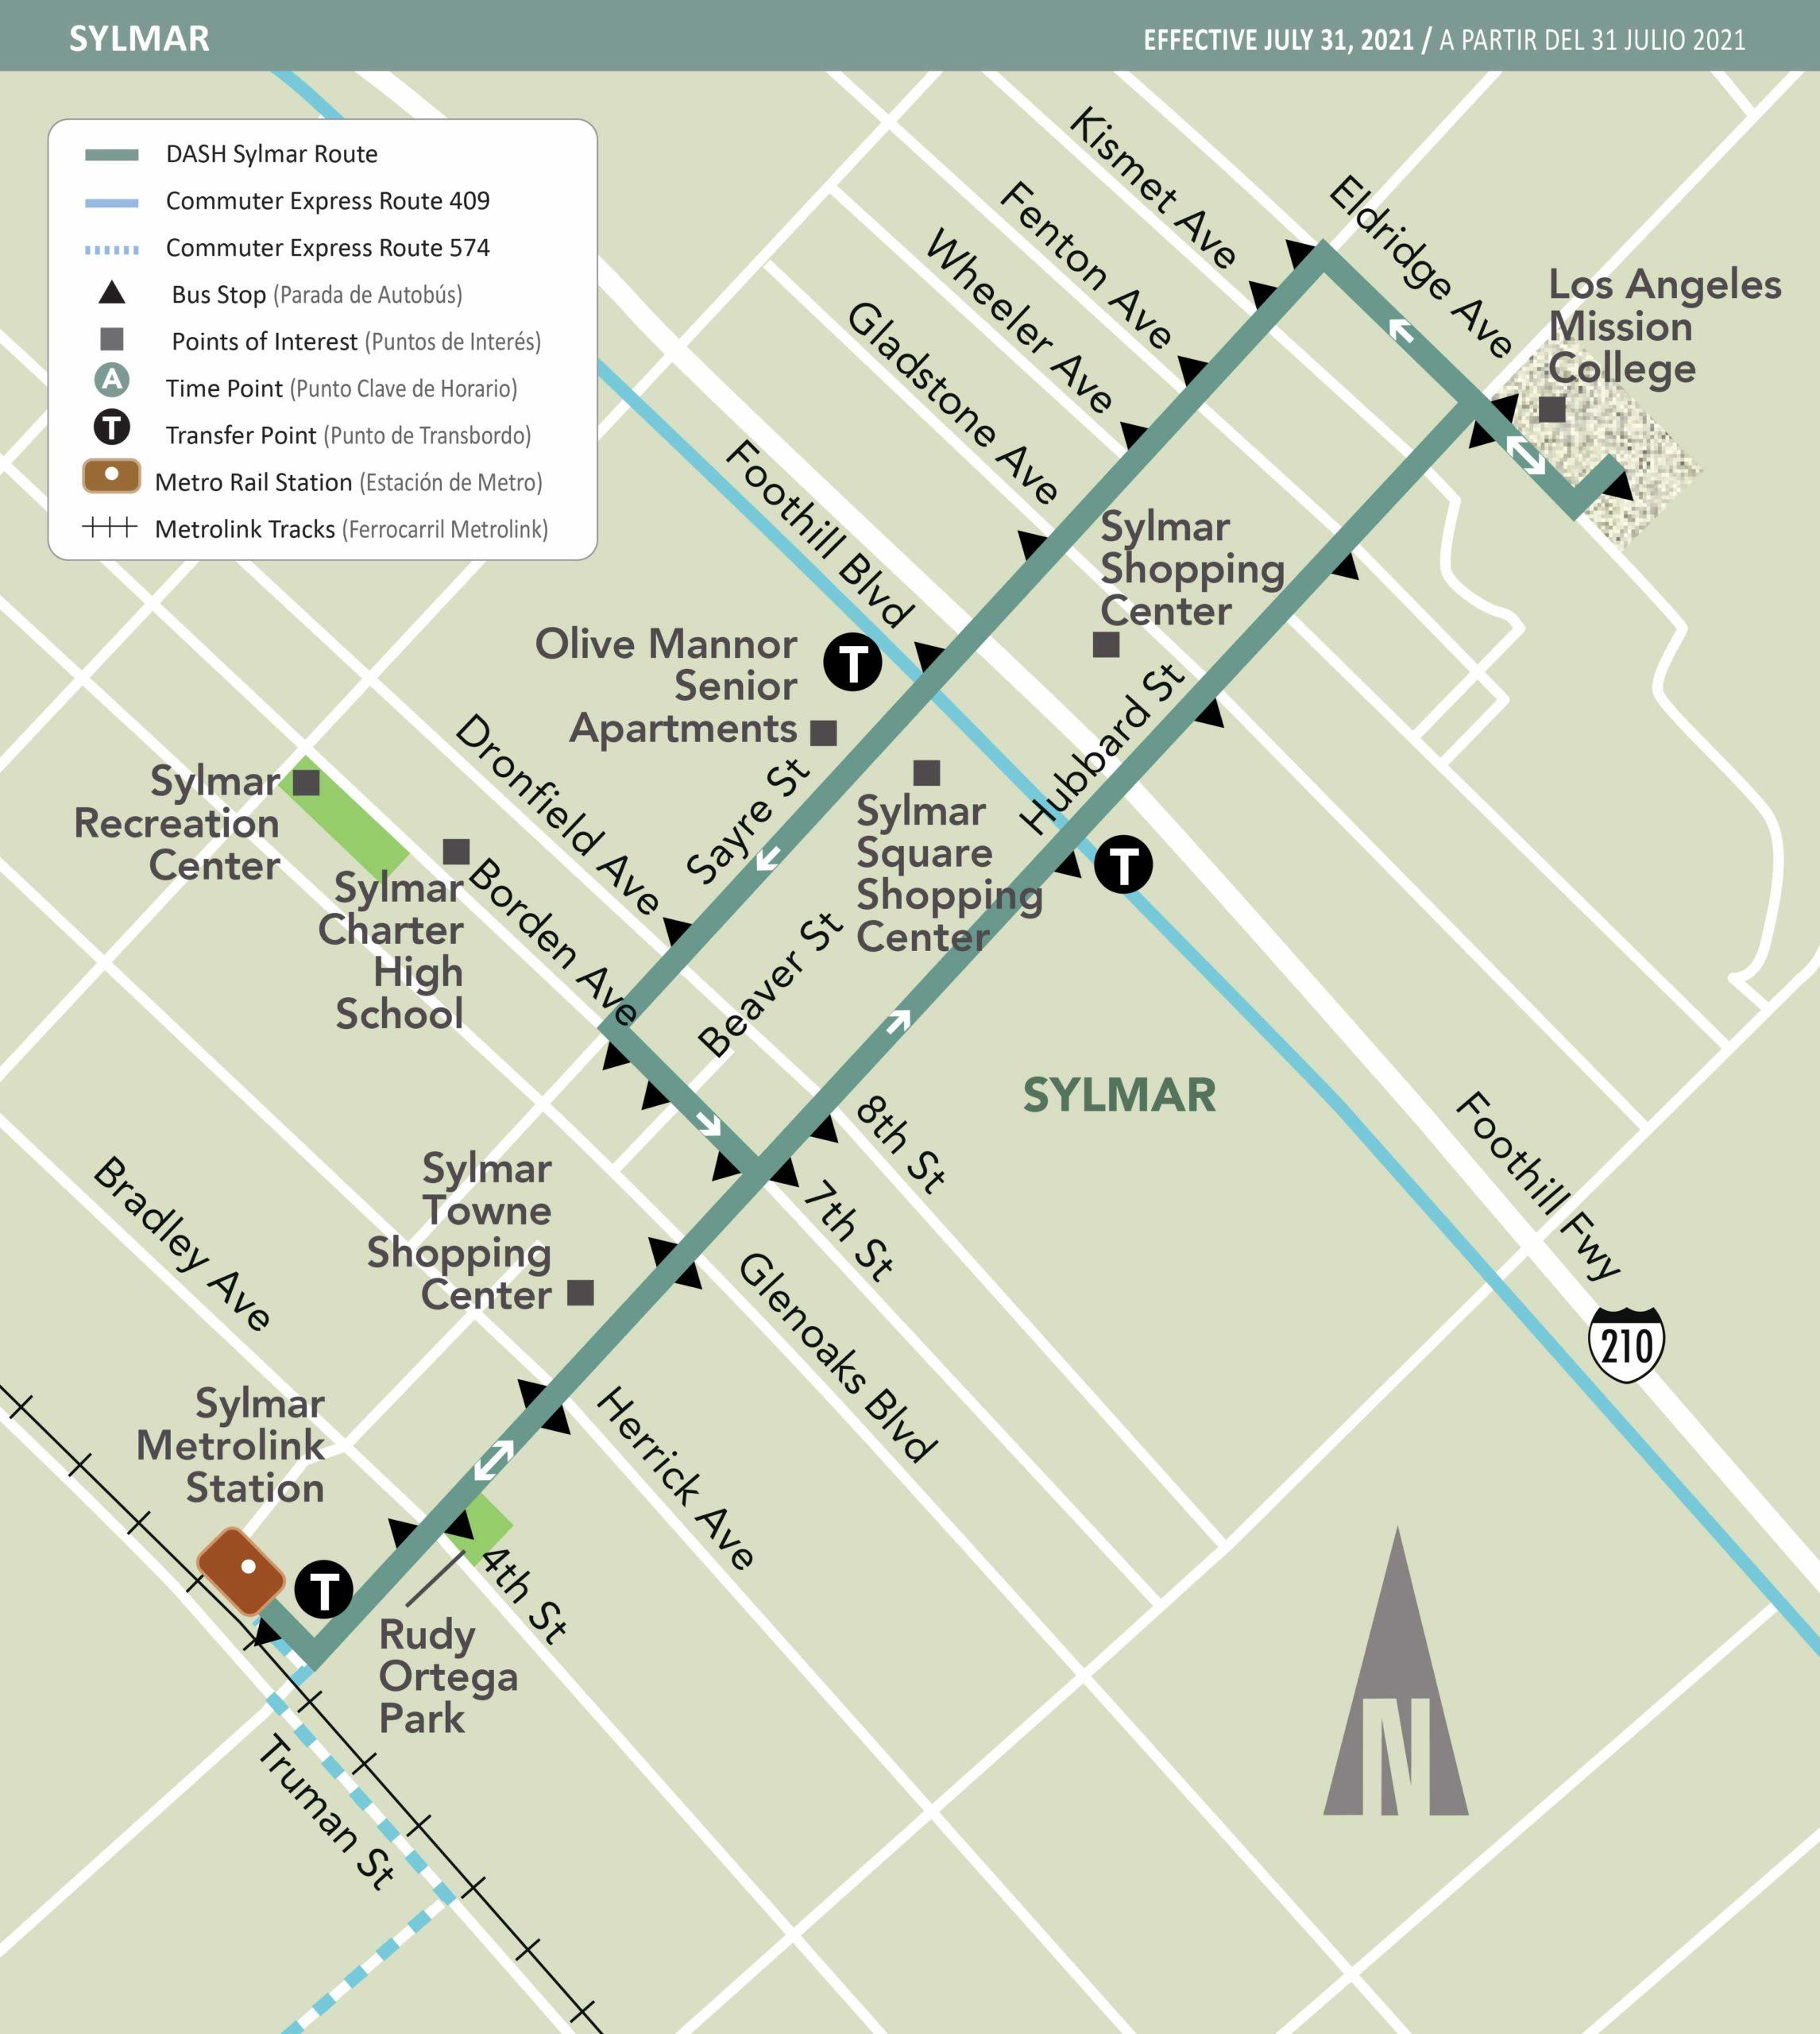 Map of DASH Sylmar